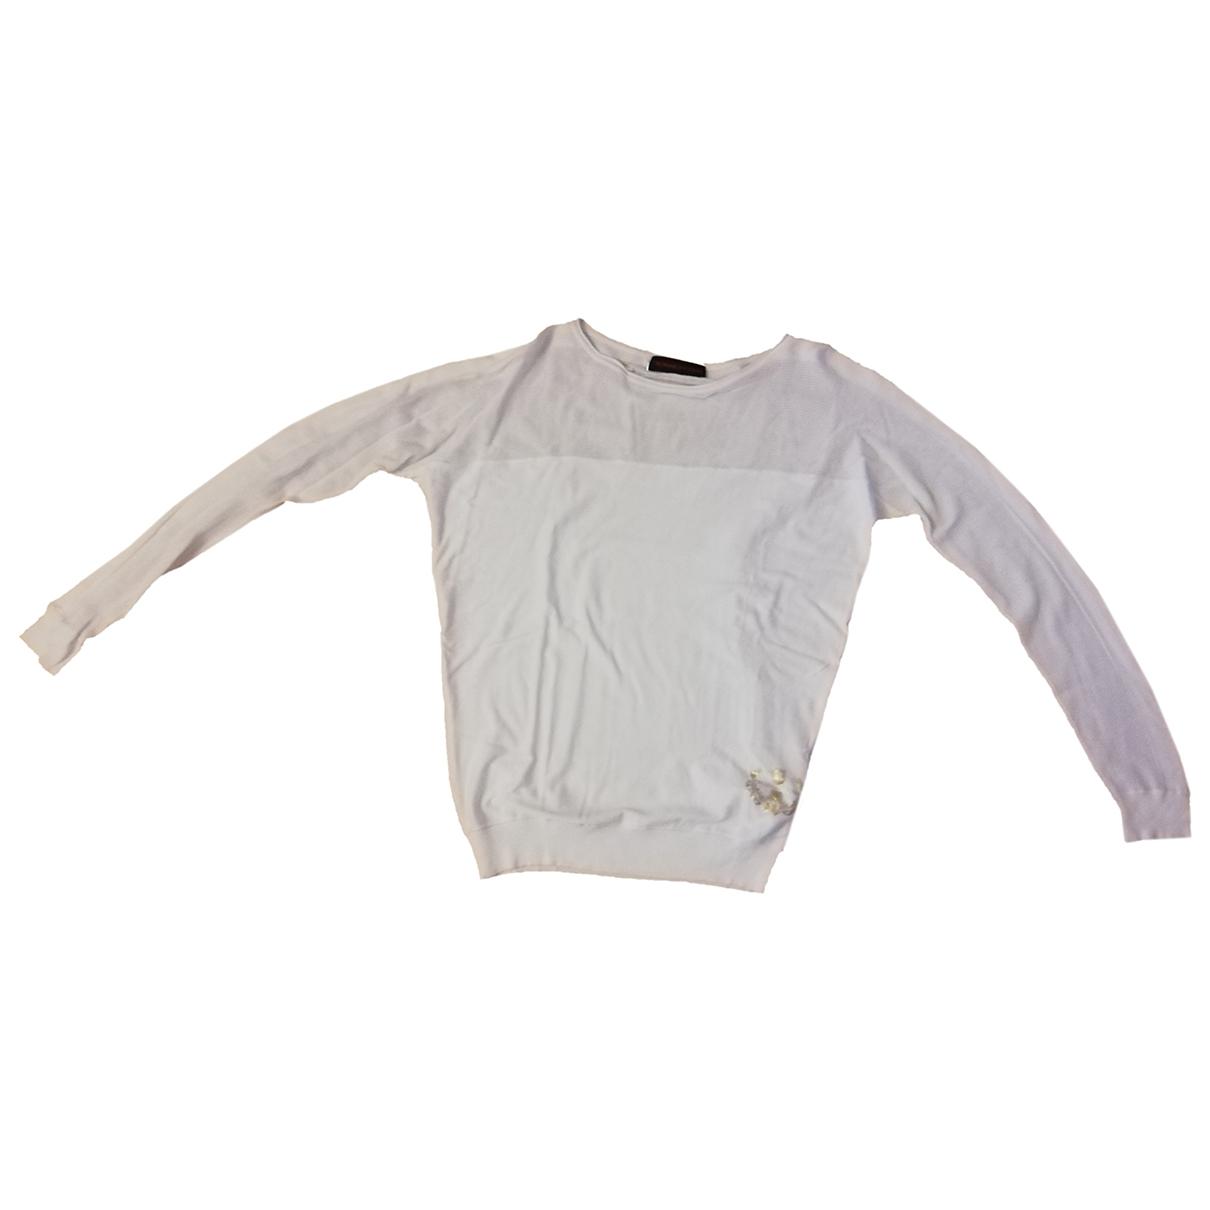 Trussardi Jeans \N White Knitwear for Women XS International